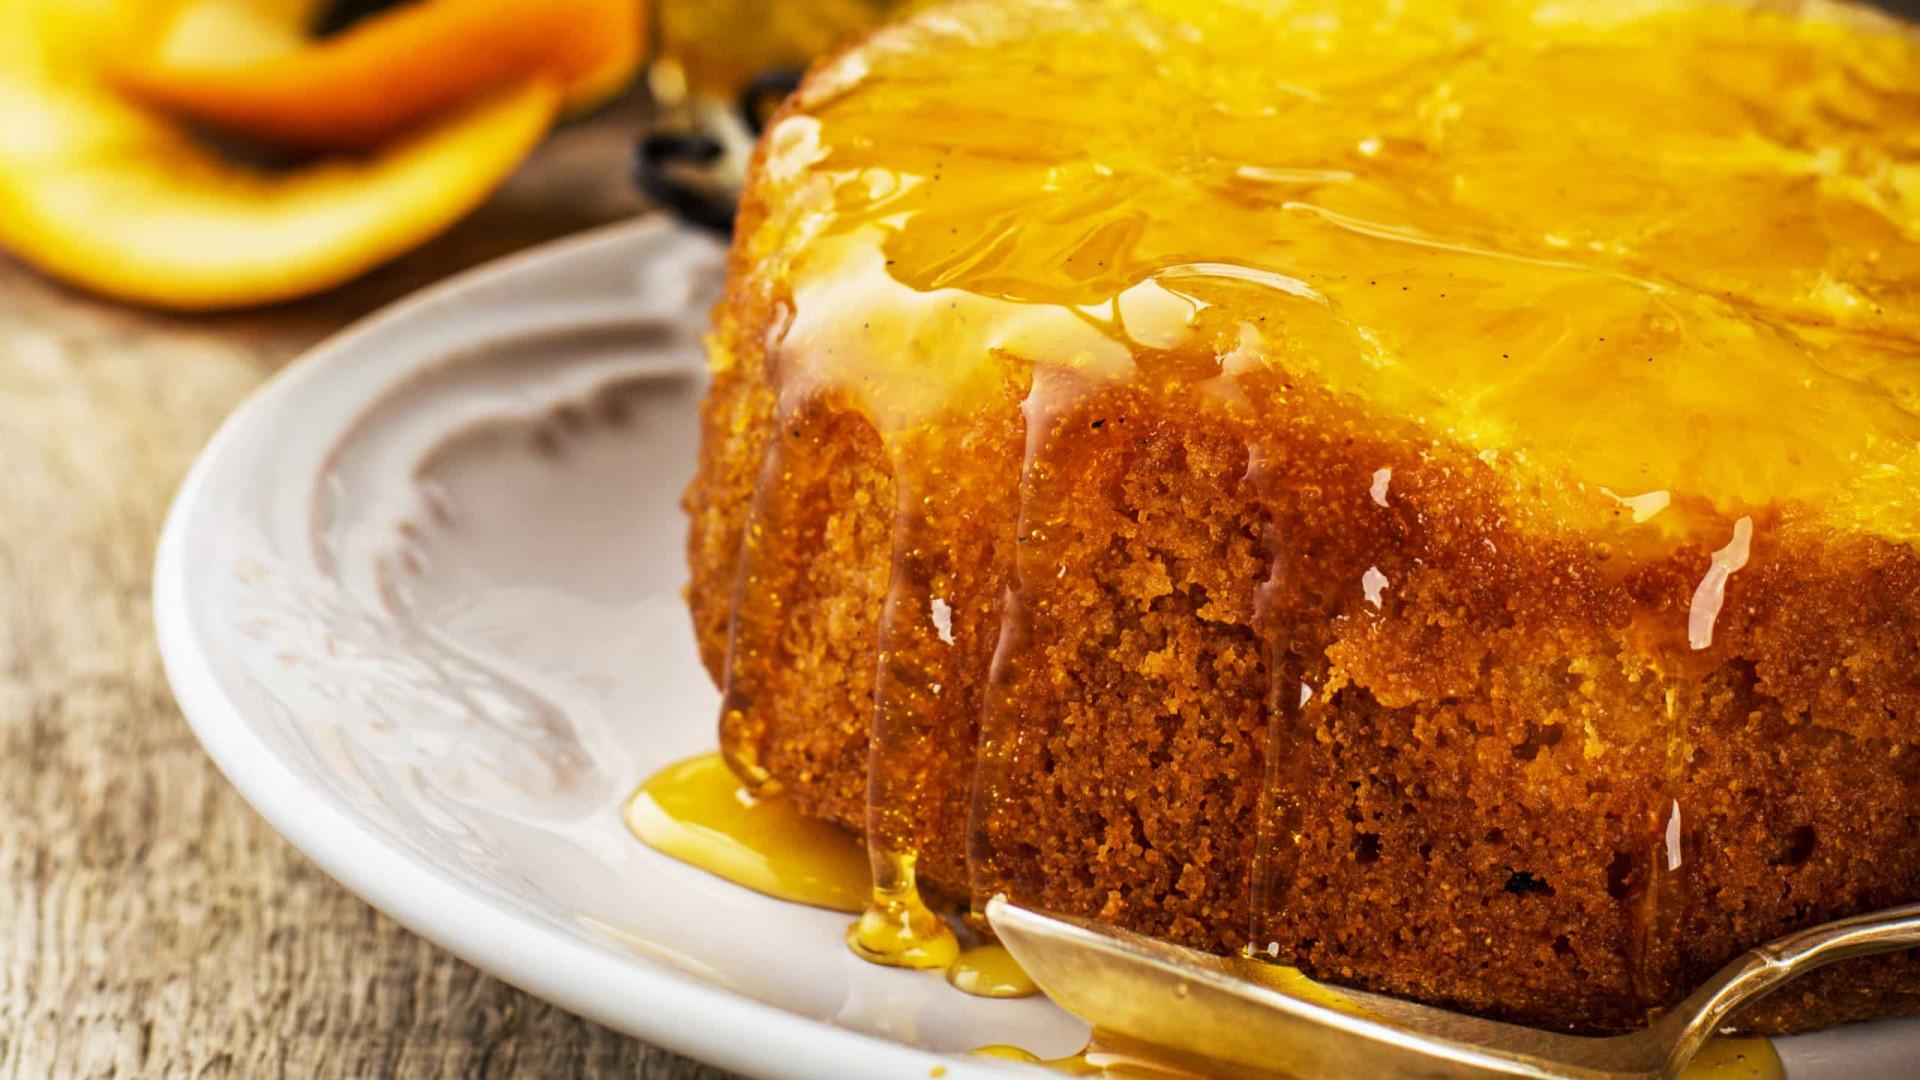 Receita de bolo de laranja com calda no liquidificador. Diga sim!